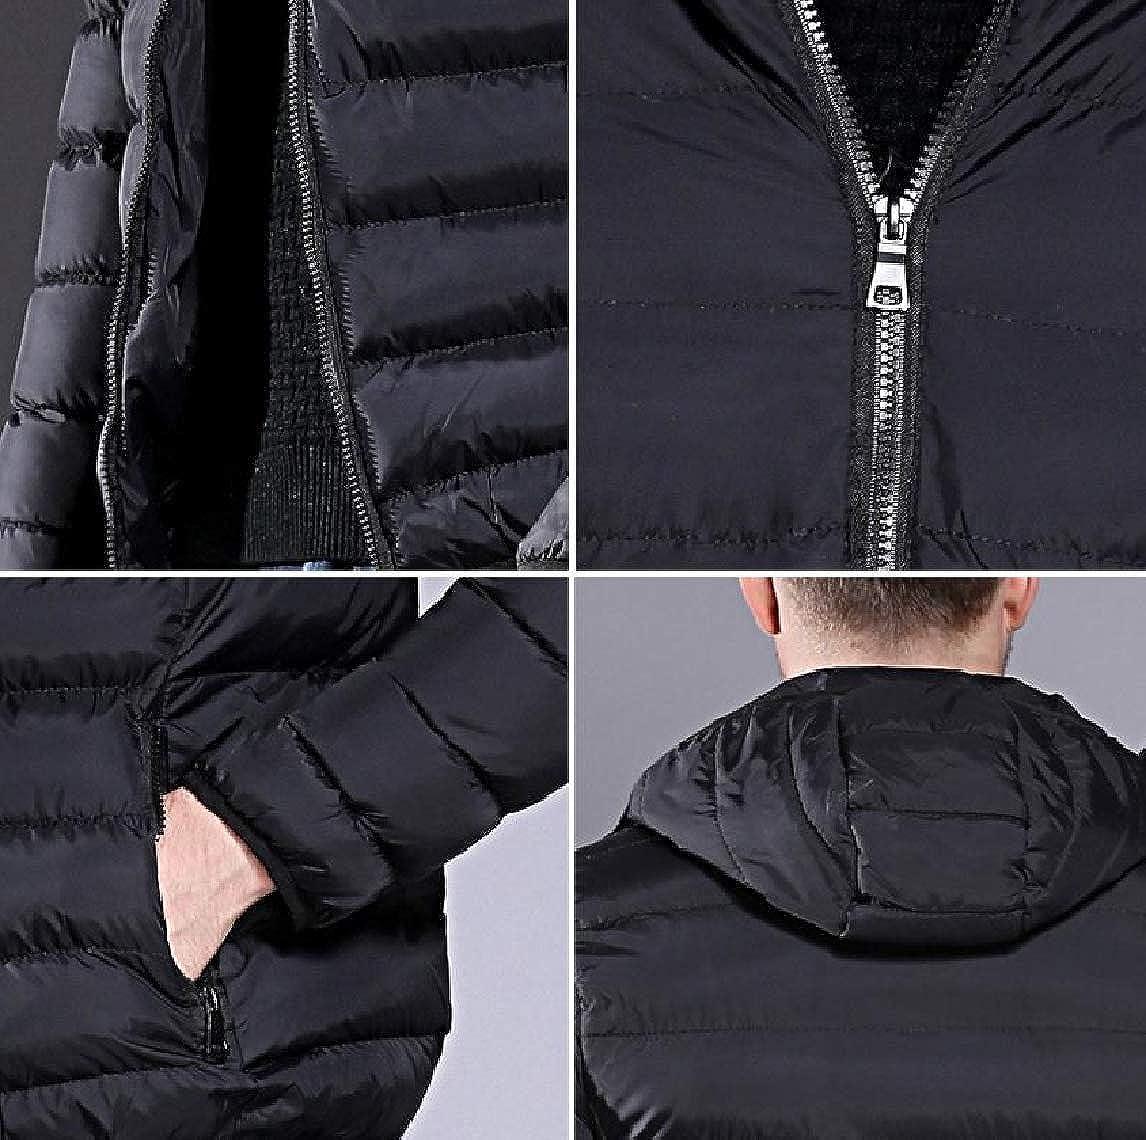 Mfasica Mens Hood Winter Warm Outwear Zip-up Waterproof Parka Jacket